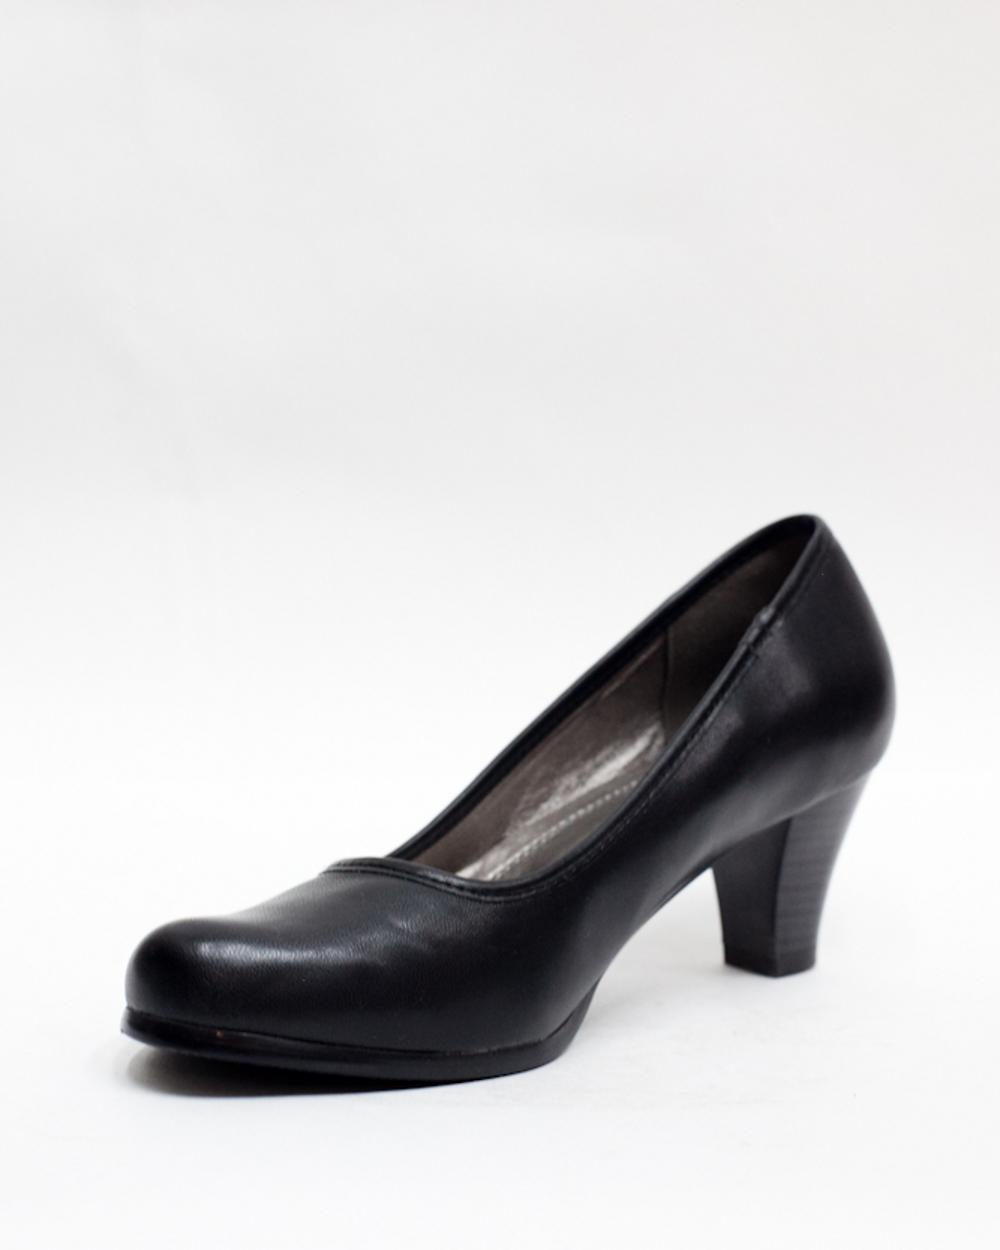 Купить женские классические туфли 2 15-2 16 в